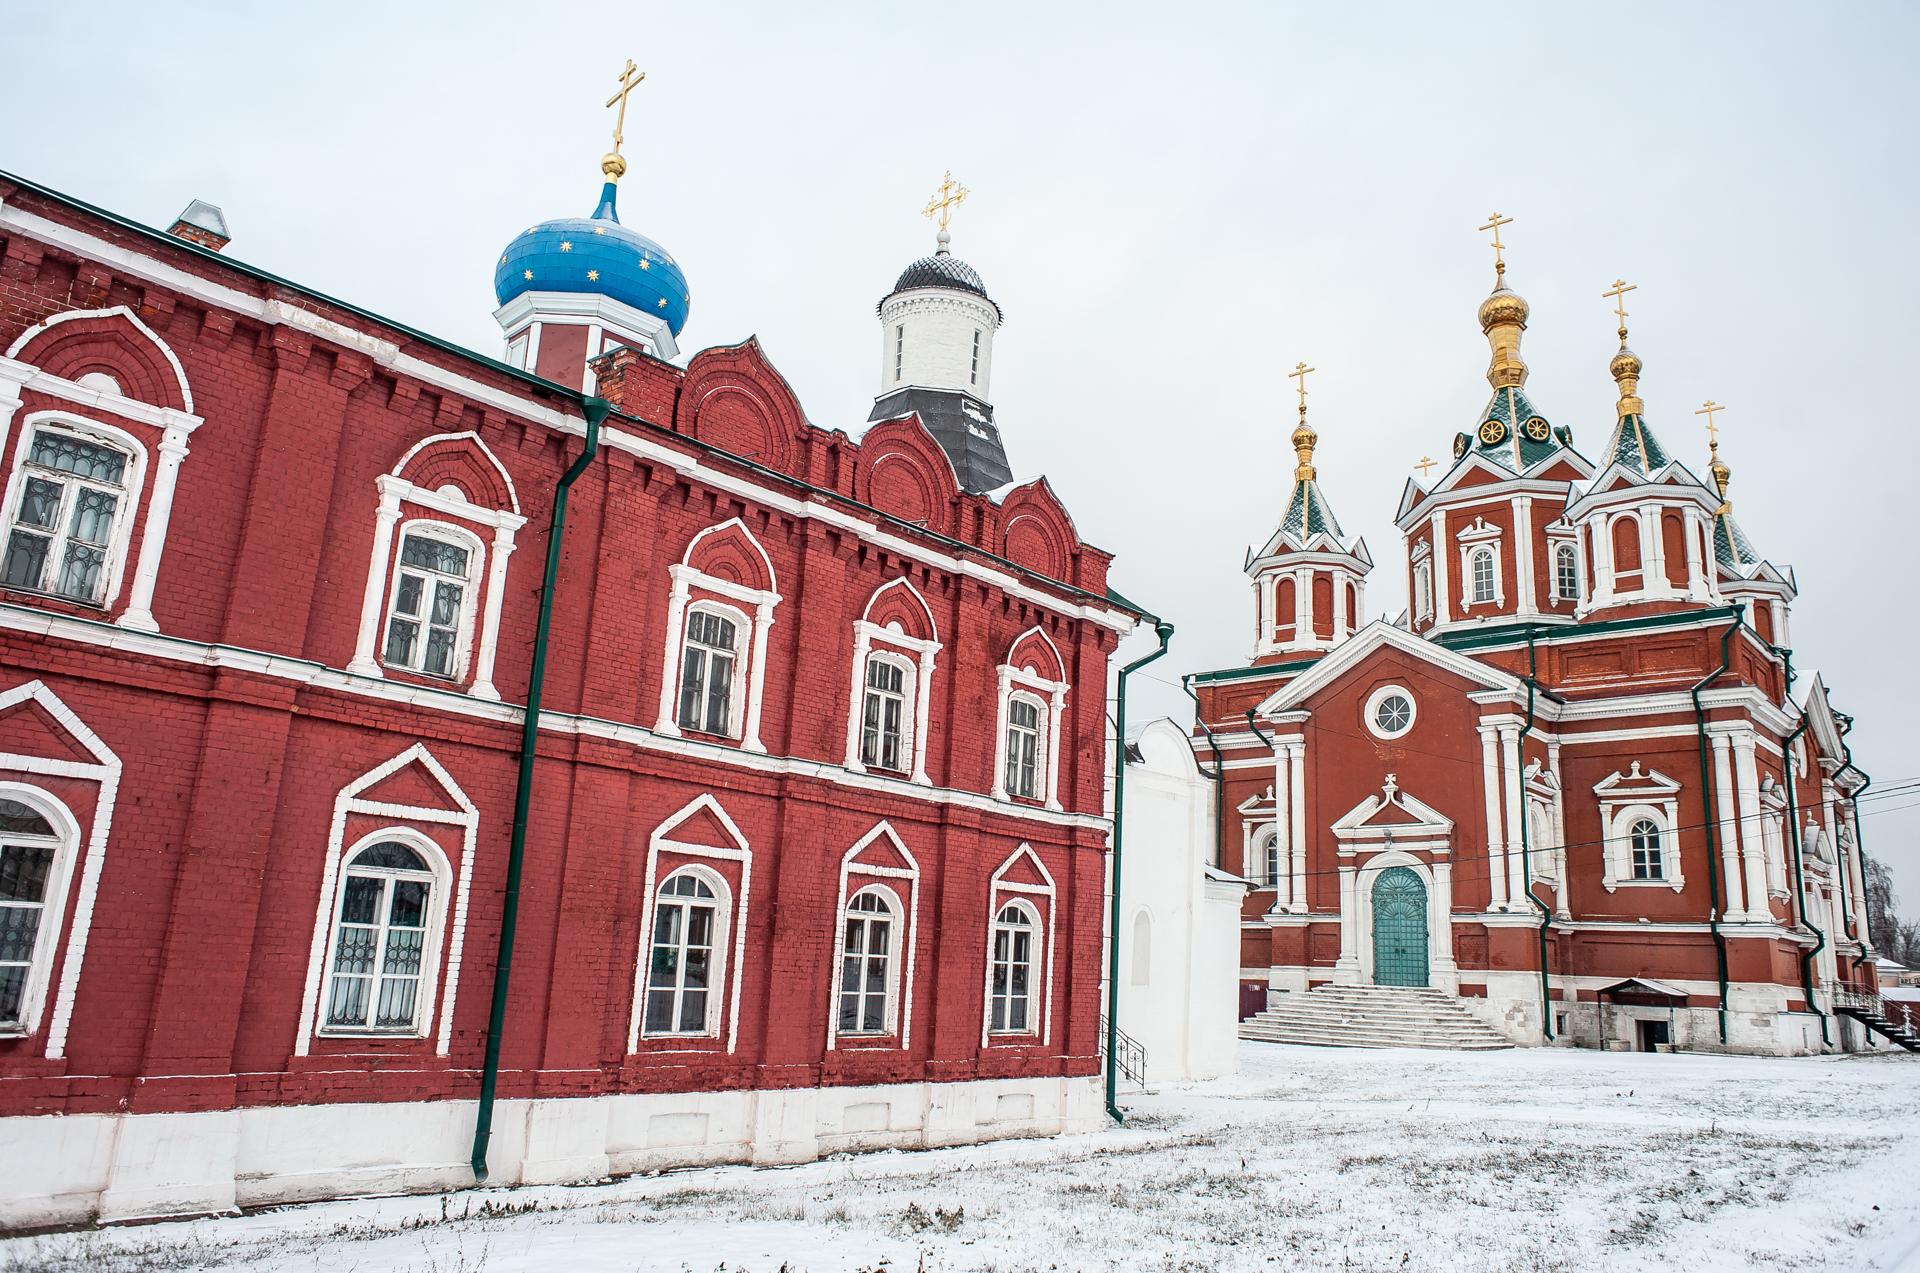 Коломна, Коломенский Кремль, Успенский Брусенский женский монастырь